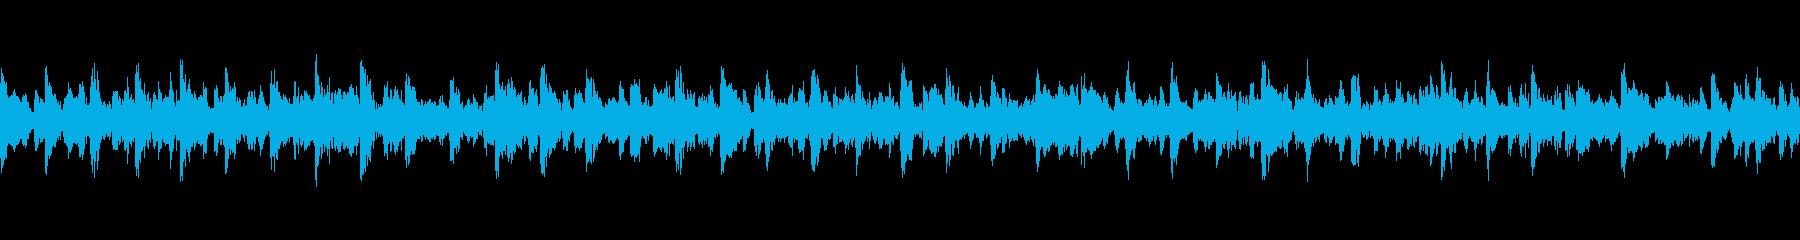 疾走感の和太鼓、篠笛のお囃子(ループ)の再生済みの波形